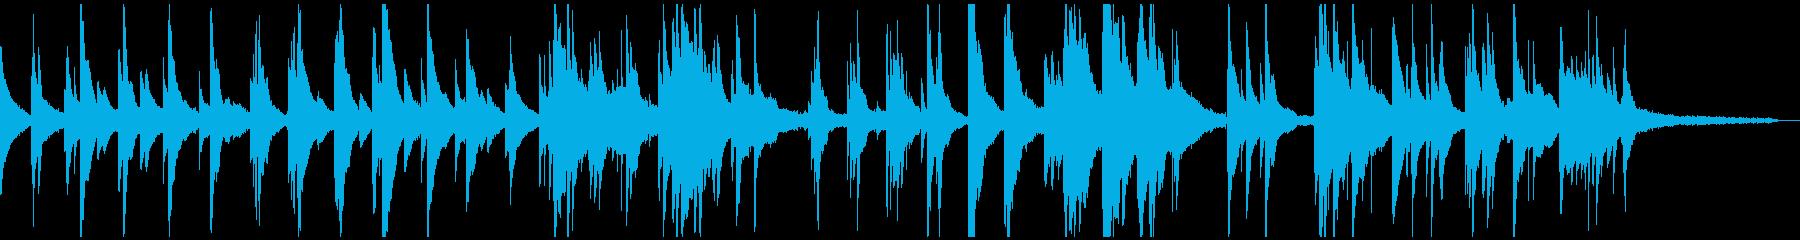 切なく感傷的なピアノソロ-リバーブ有の再生済みの波形